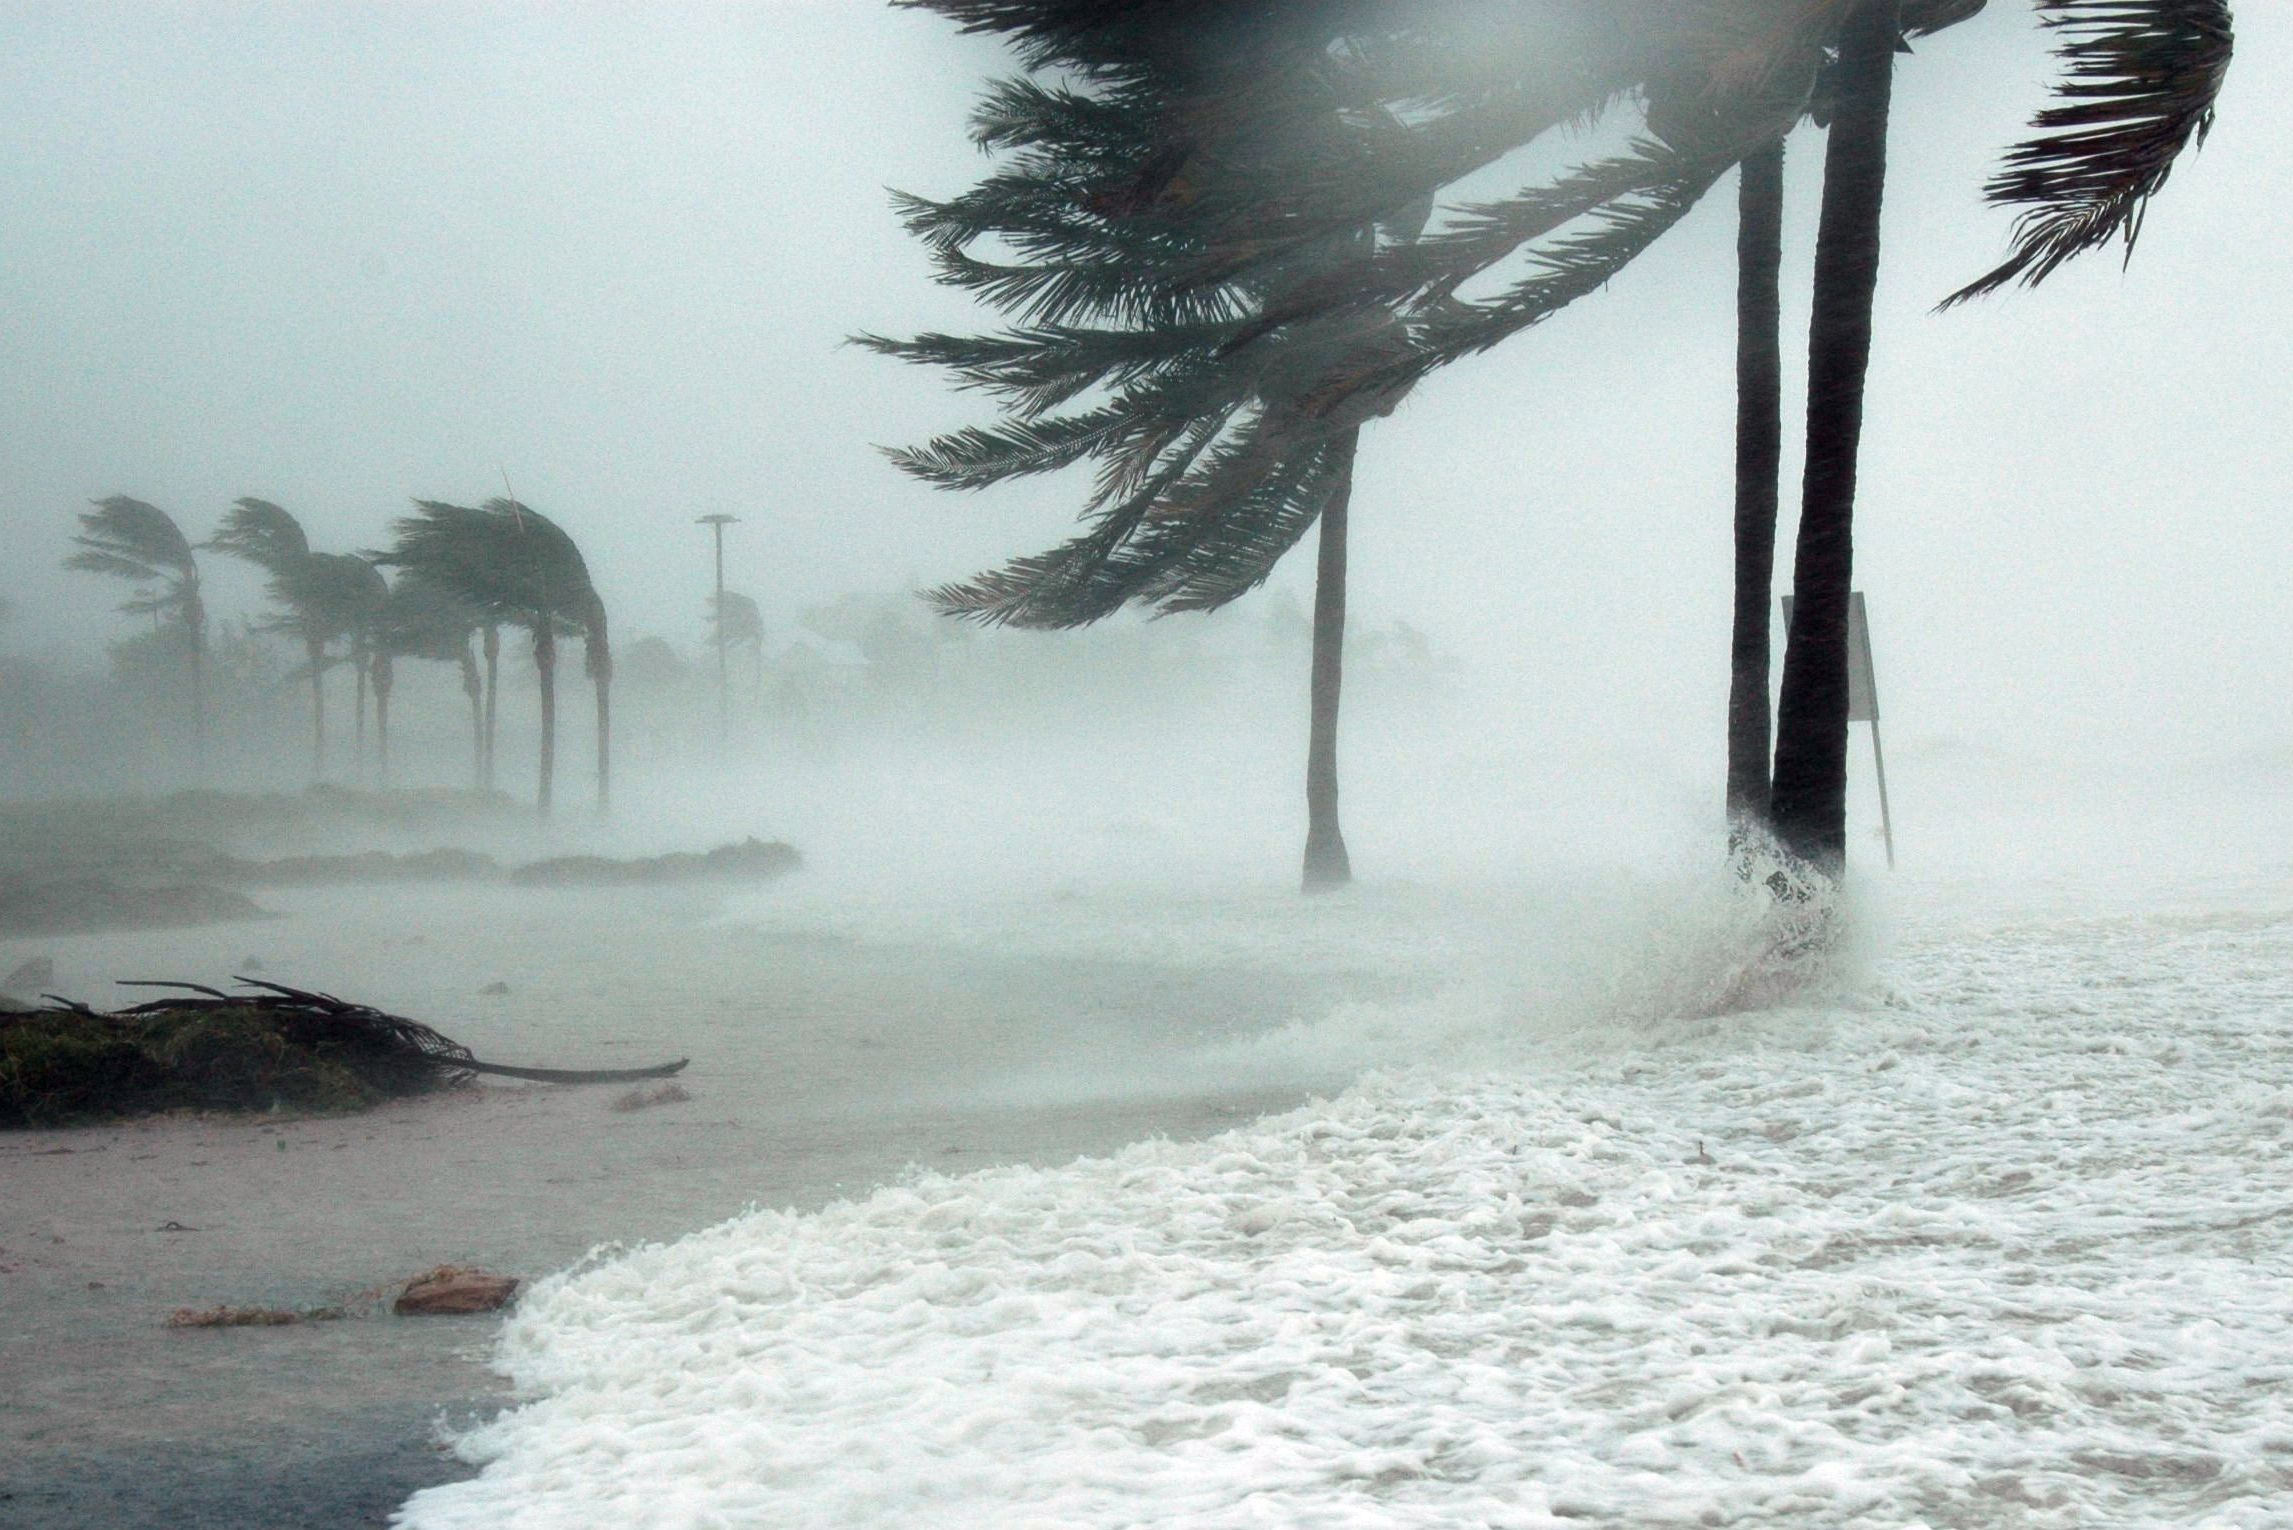 Hurricane jgjegs